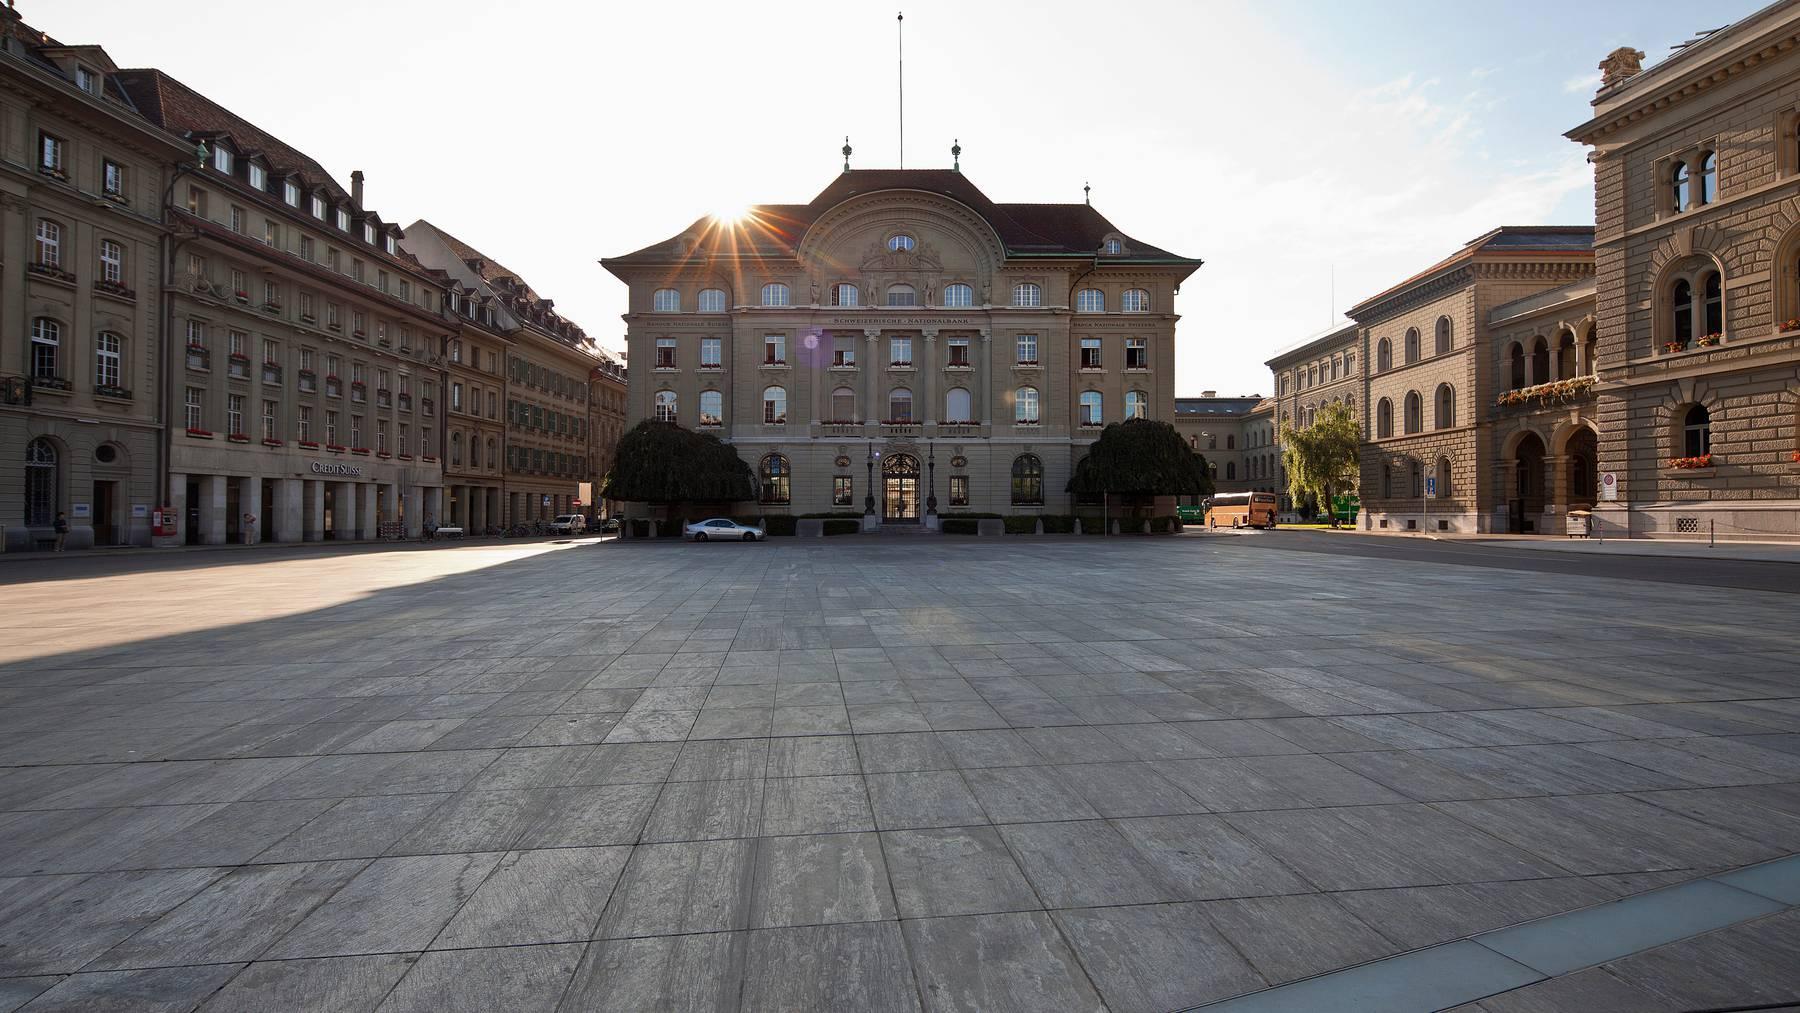 Wecken in der Politik von Links bis Rechts Begehrlichkeiten: Die hohen Gewinne der Schweizerischen Nationalbank.